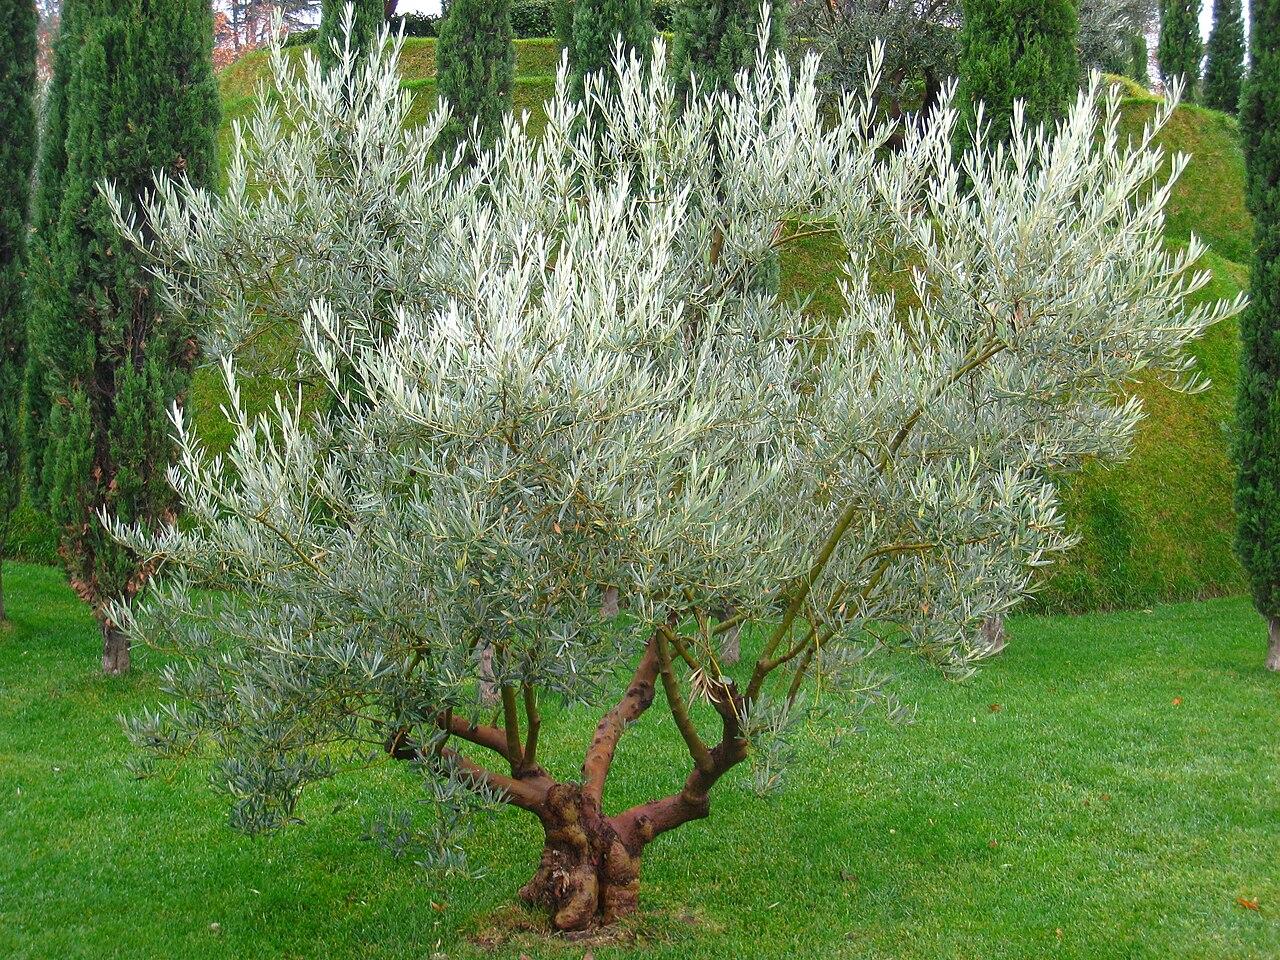 FileOlive tree at the Bosque de los Ausentes Parque del